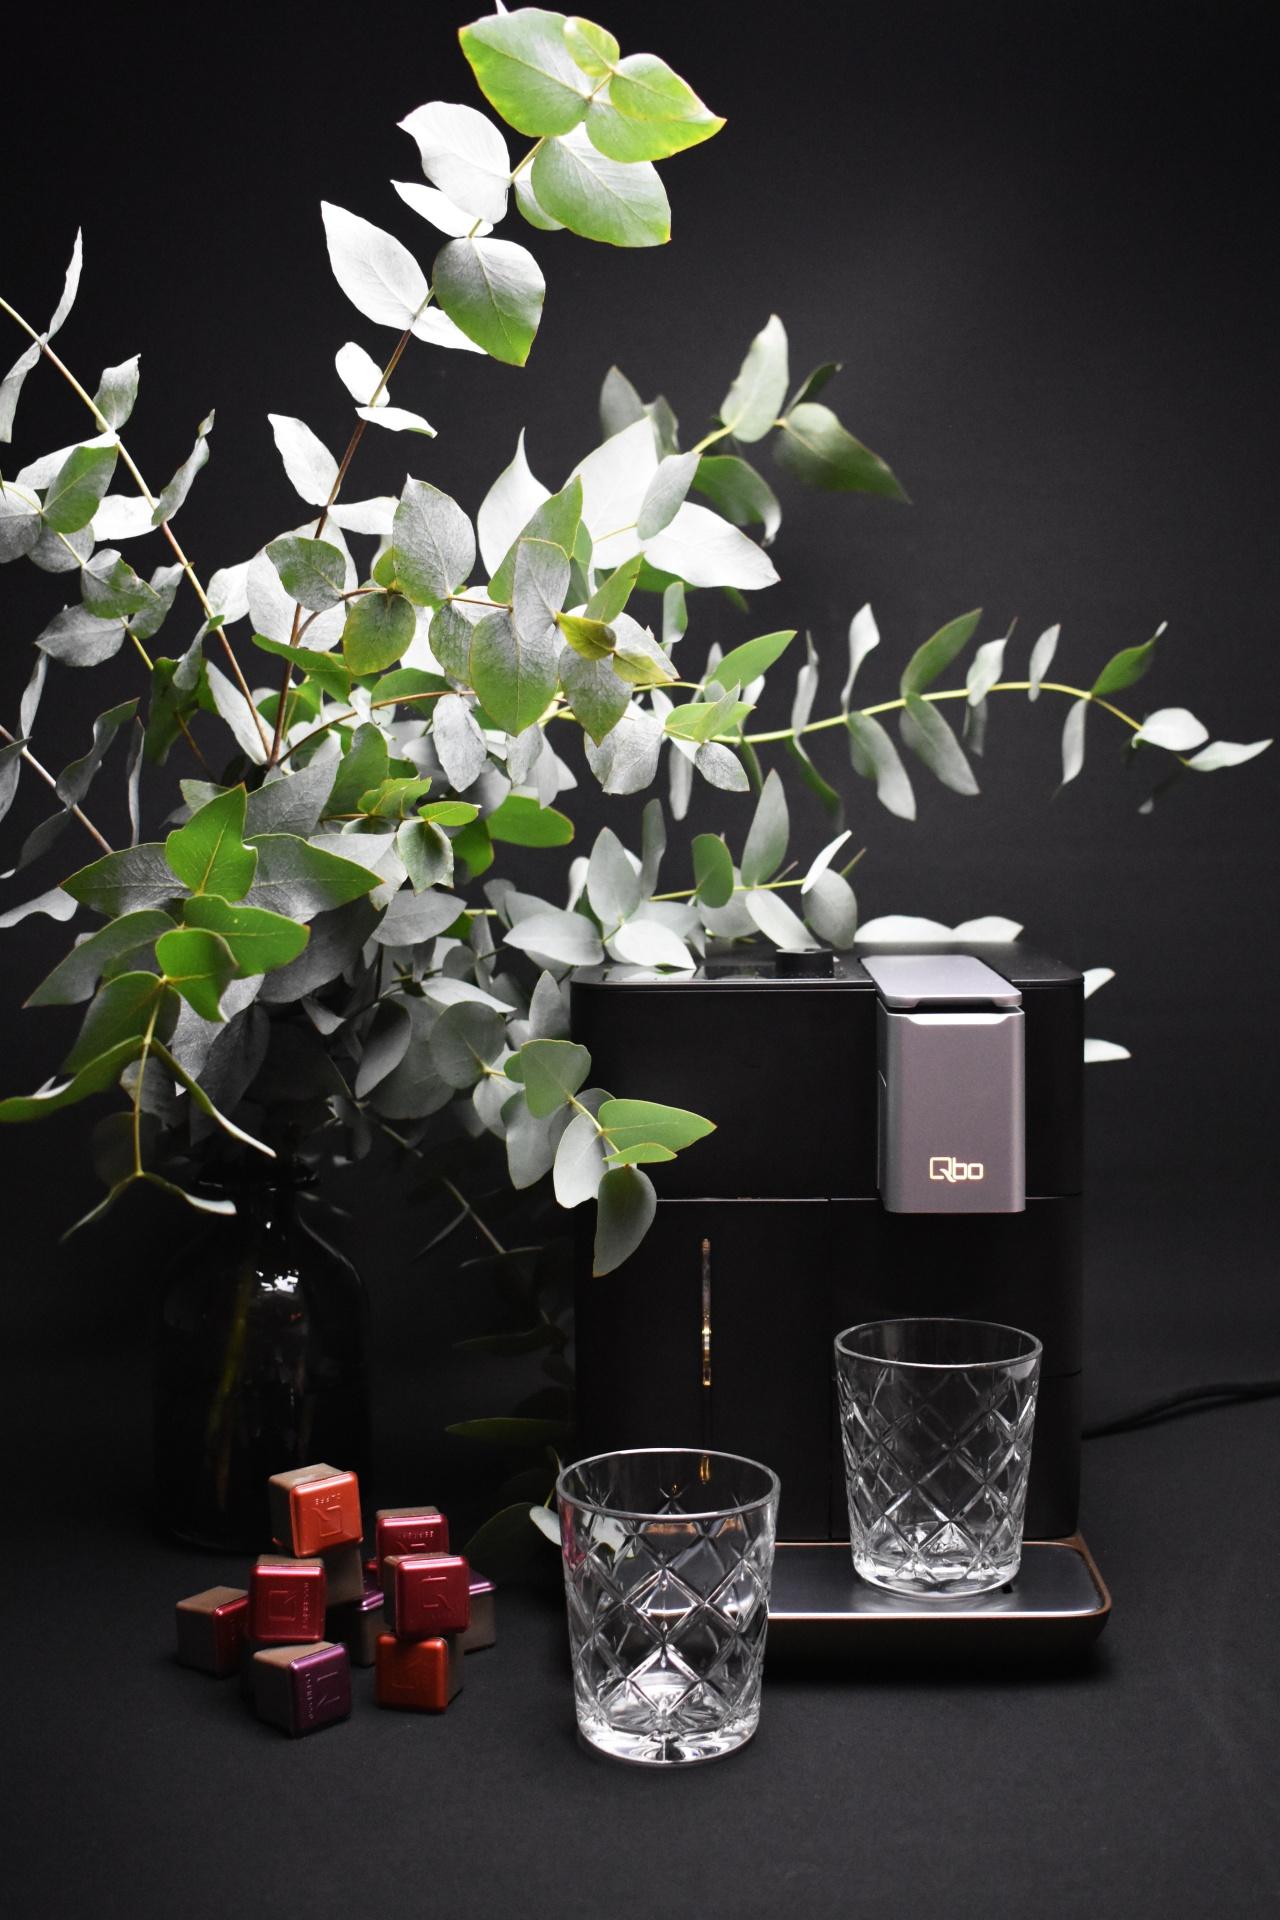 Kapselmaschine Kaffee